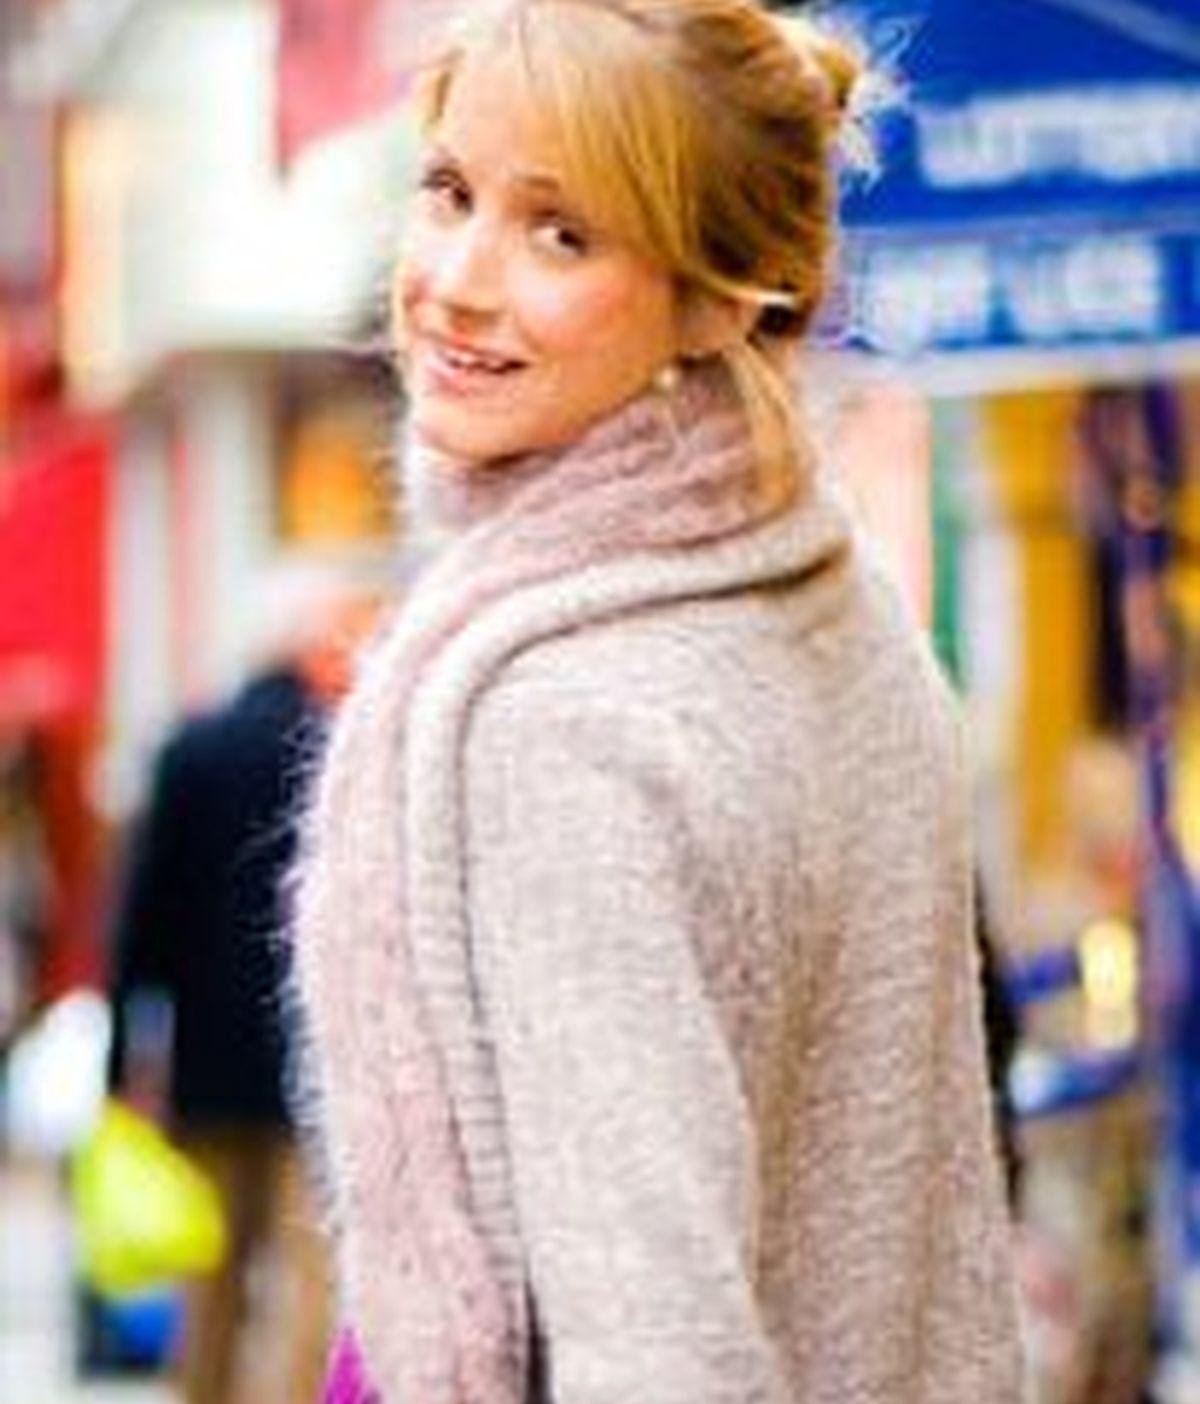 La doctora Brooke Magnanti, famosa por el personaje 'Belle di Jour', la escort que contó en la Red sus encuentros sexuales. Foto 'The Times'